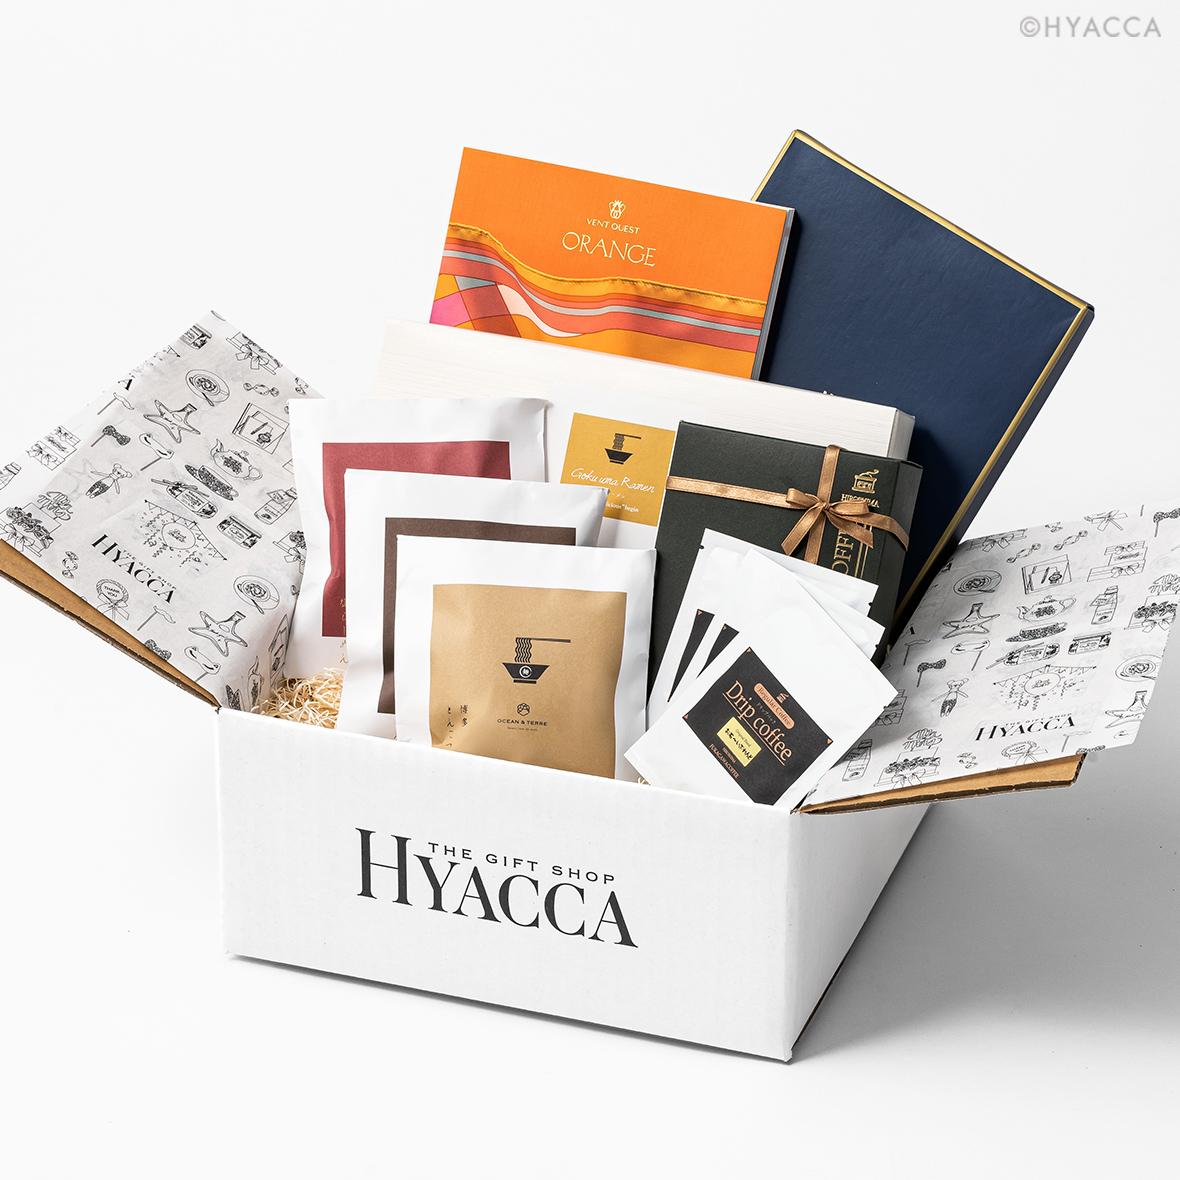 引き出物 カタログギフト/ヴァンウエスト 全7種類+ラーメン+コーヒー 10